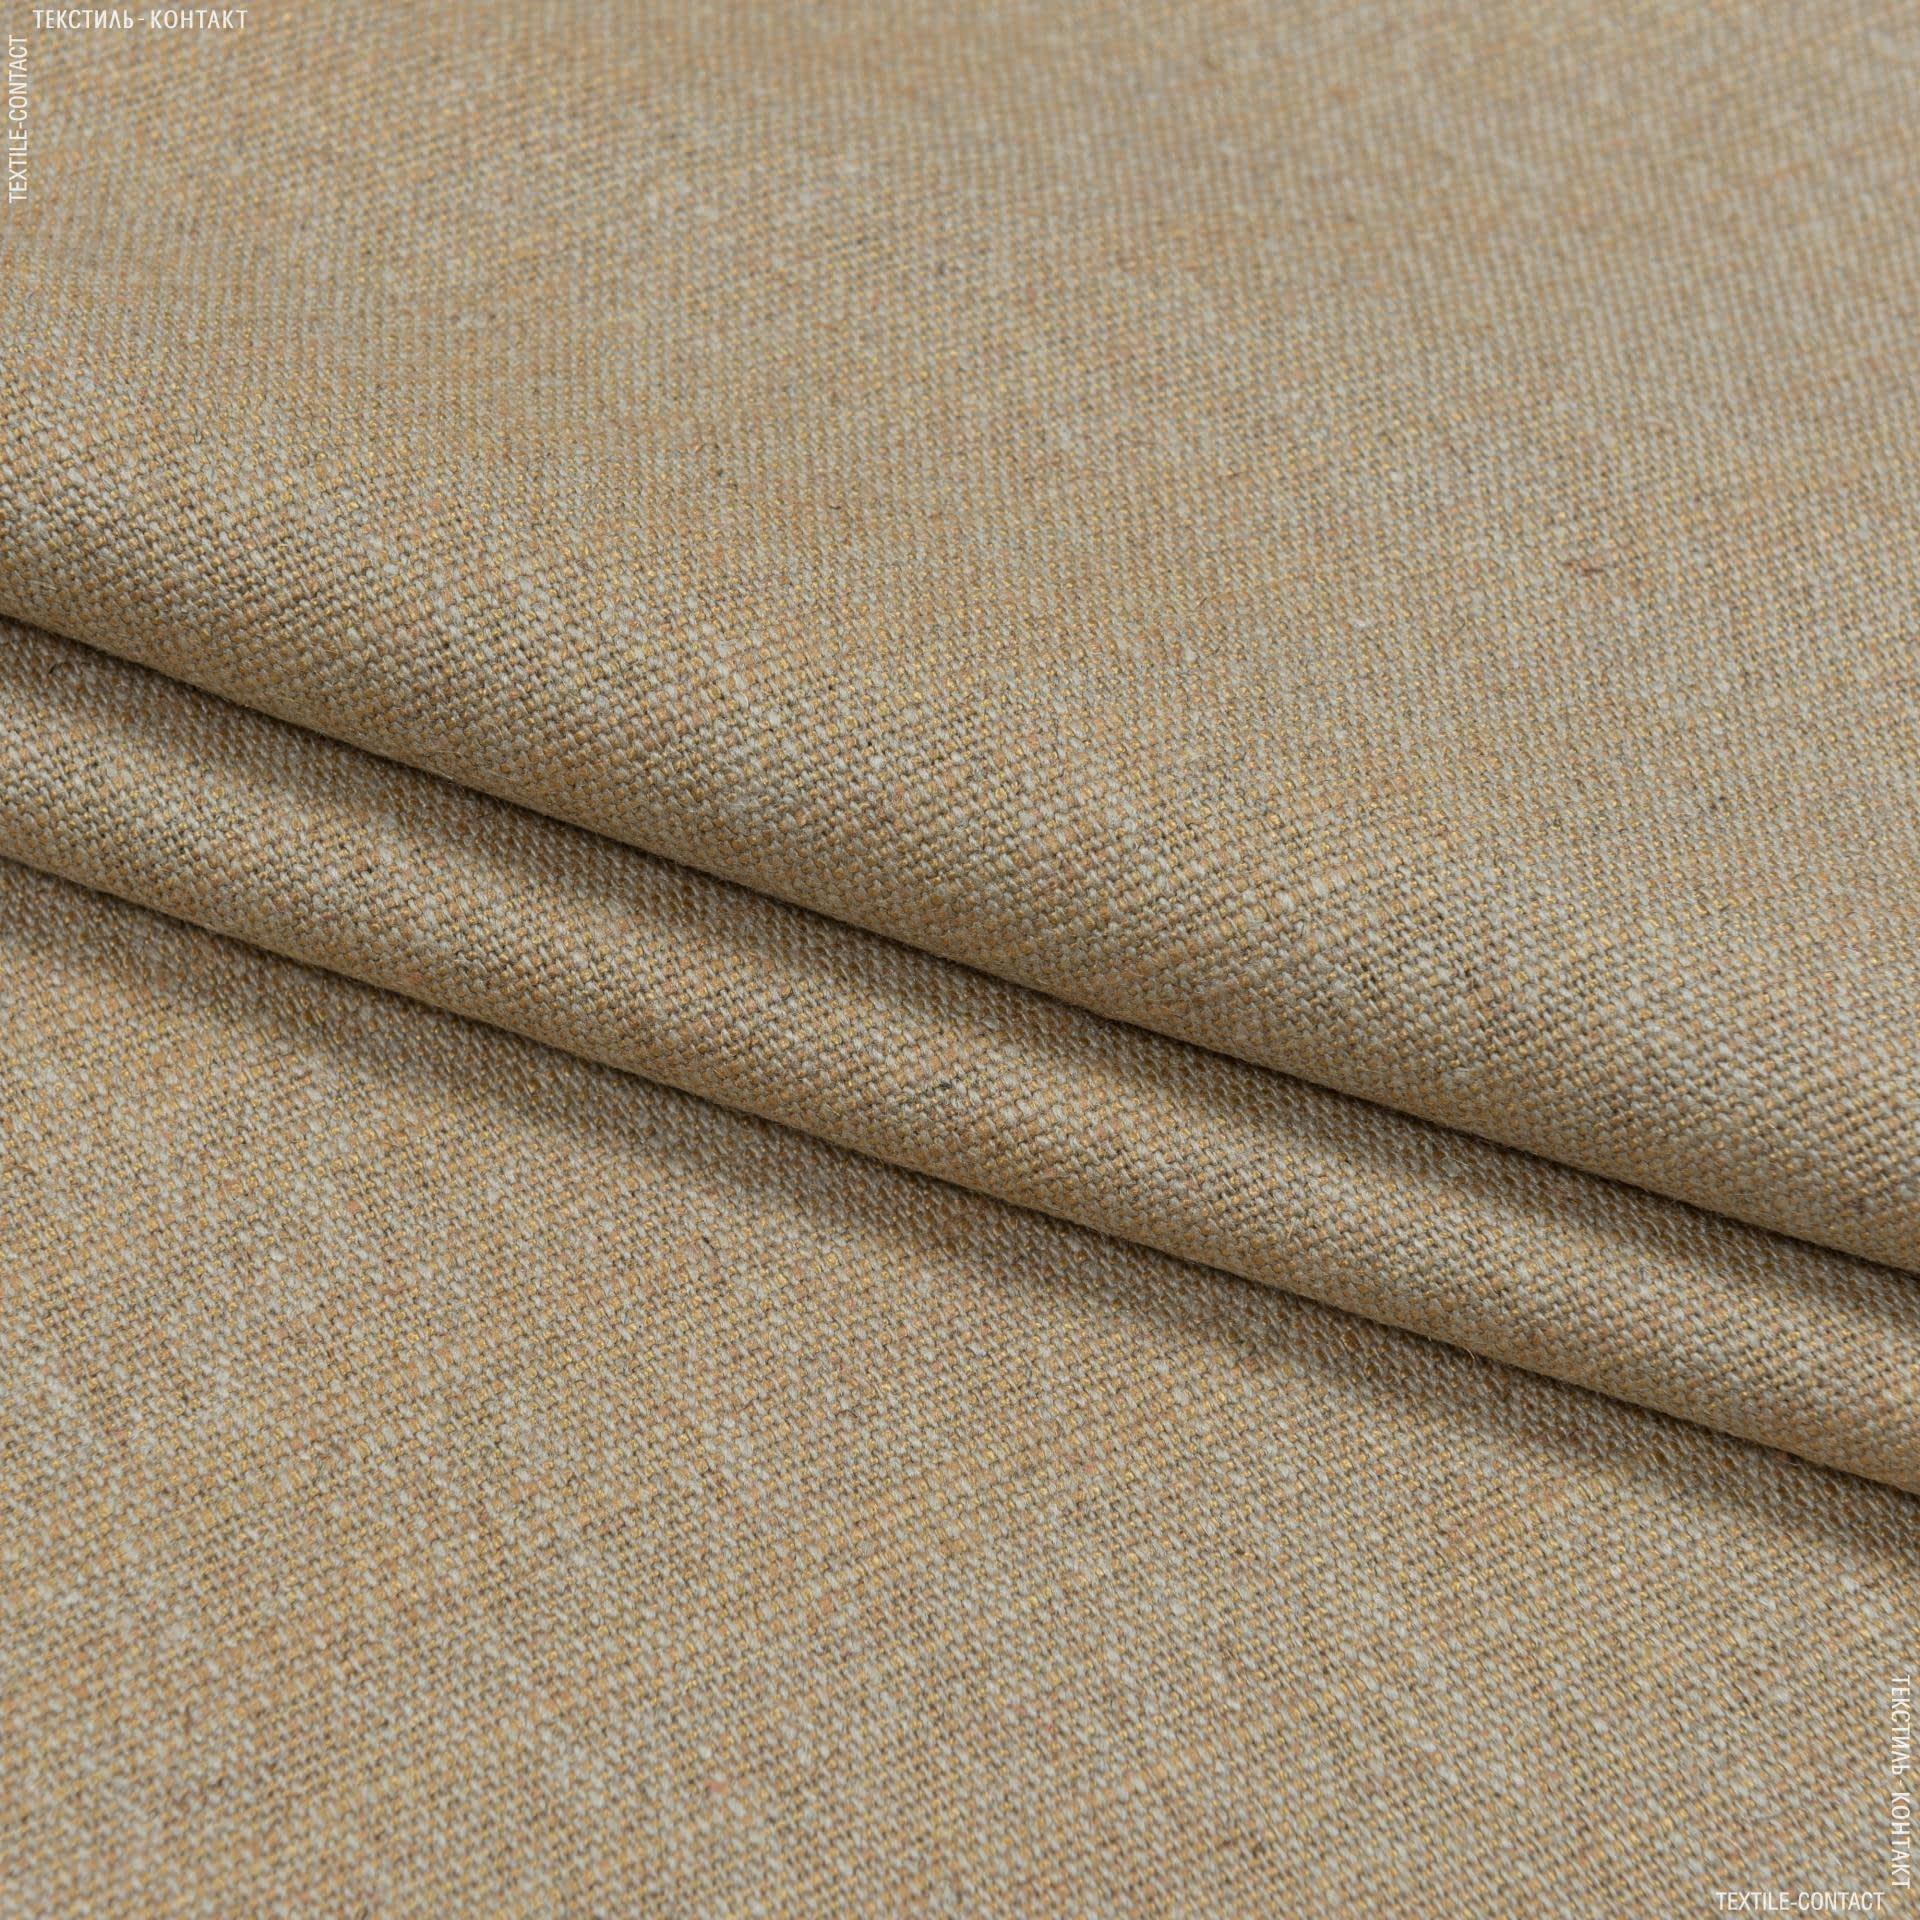 Ткани портьерные ткани - Декоративная ткань  танами / tanami беж-золото